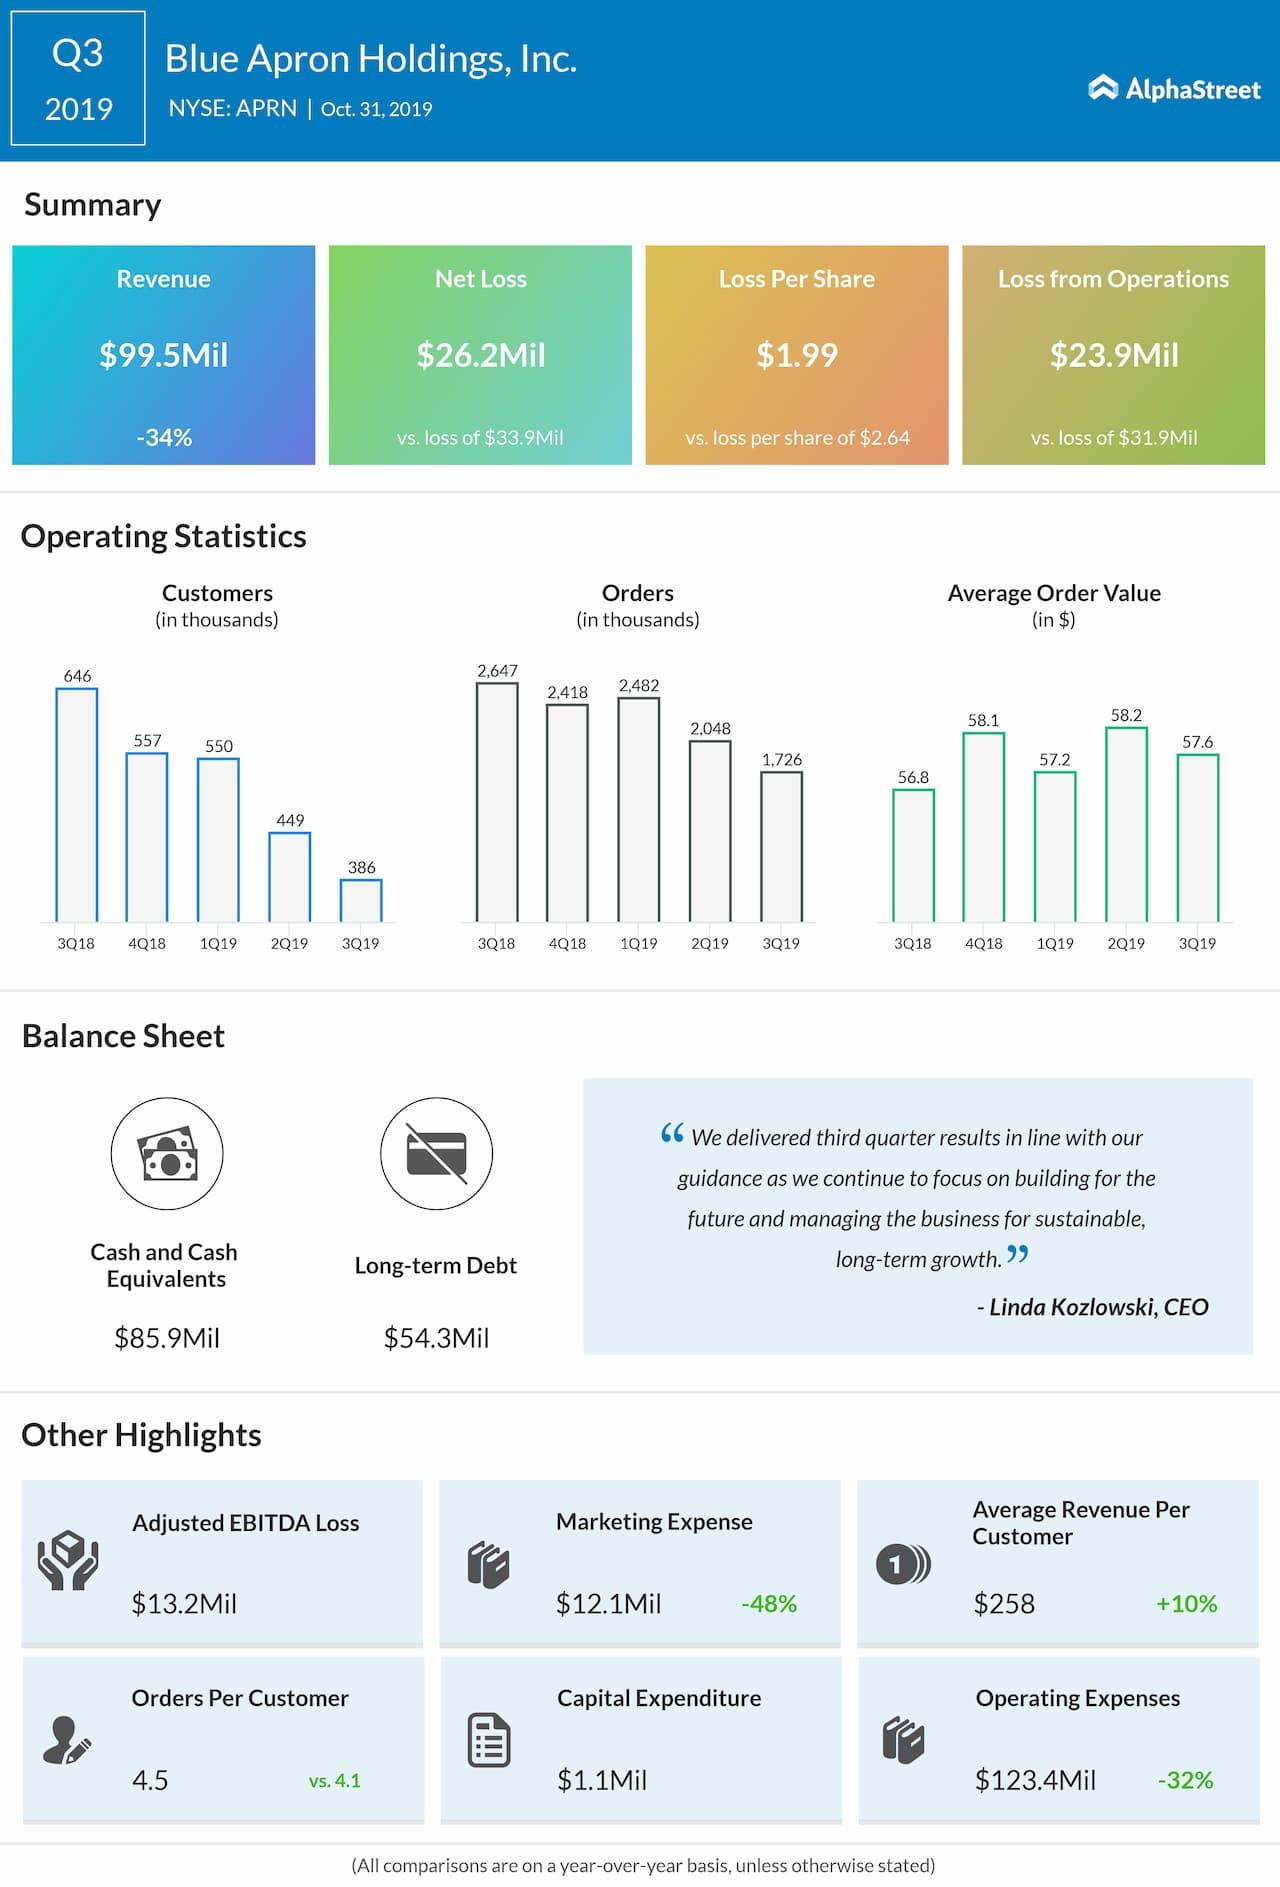 Blue Apron misses Q3 2019 revenue and earnings estimates